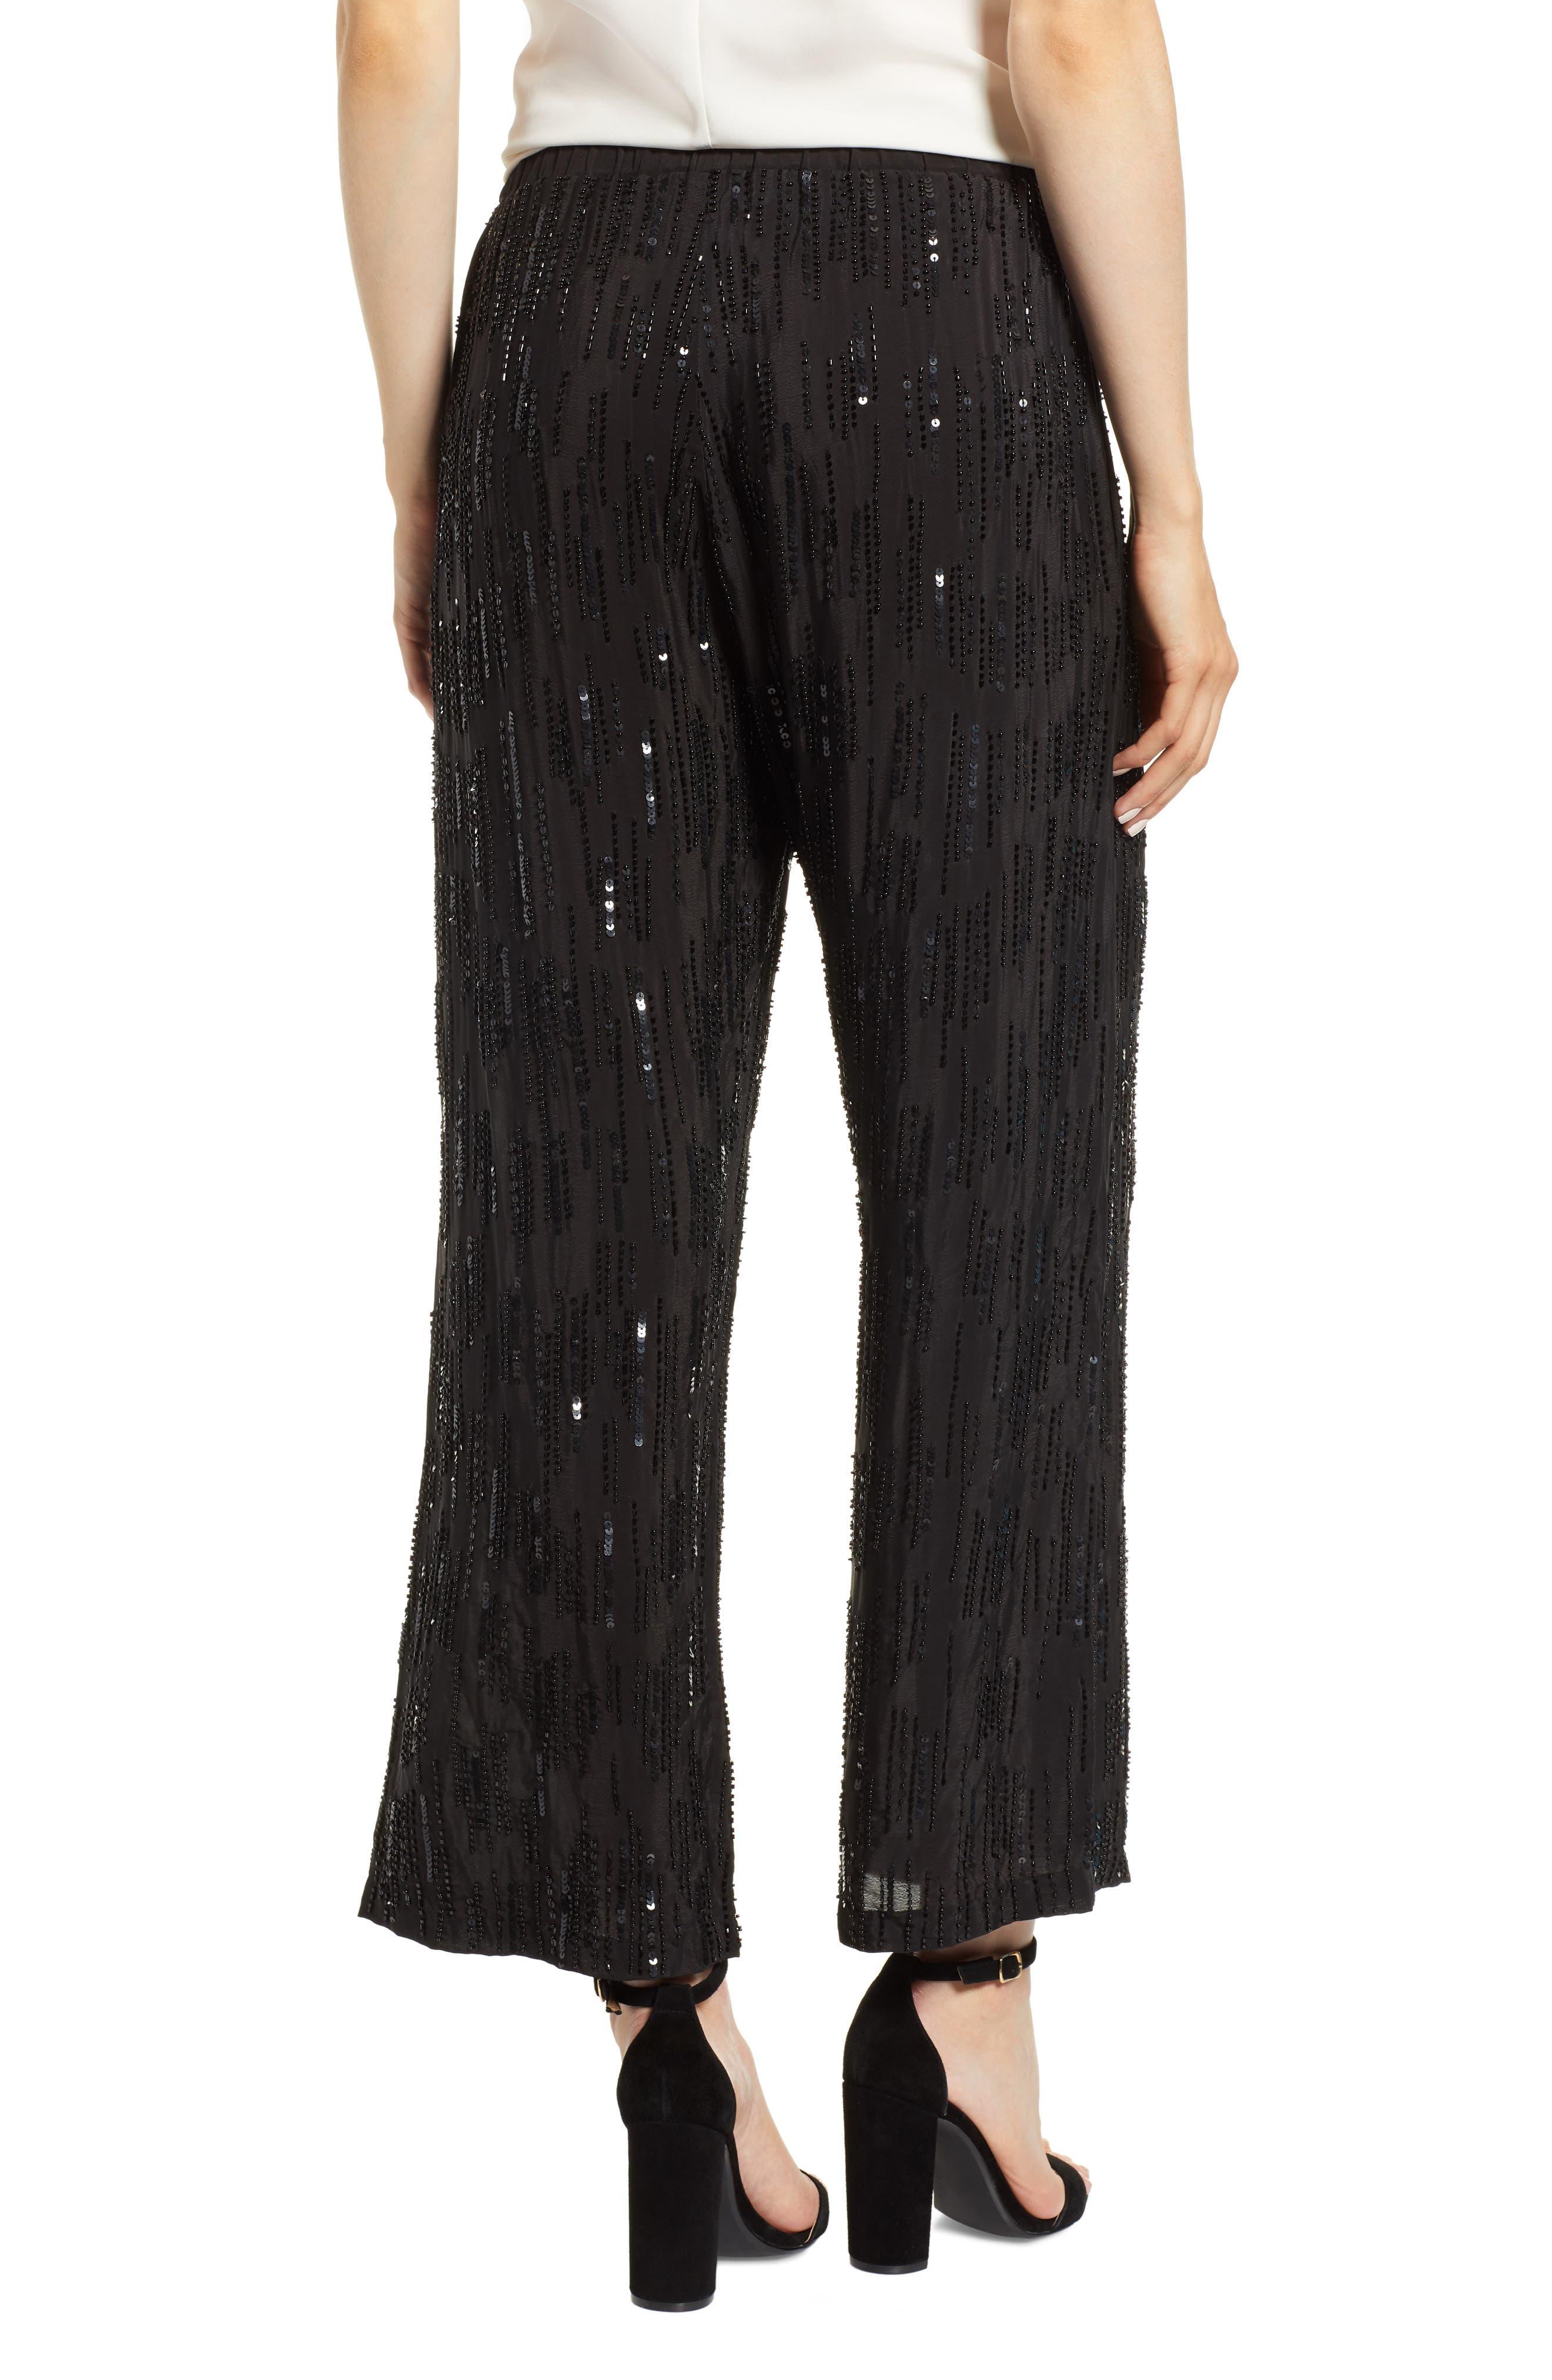 Raindrop Sequin Pants,                             Alternate thumbnail 2, color,                             BLACK